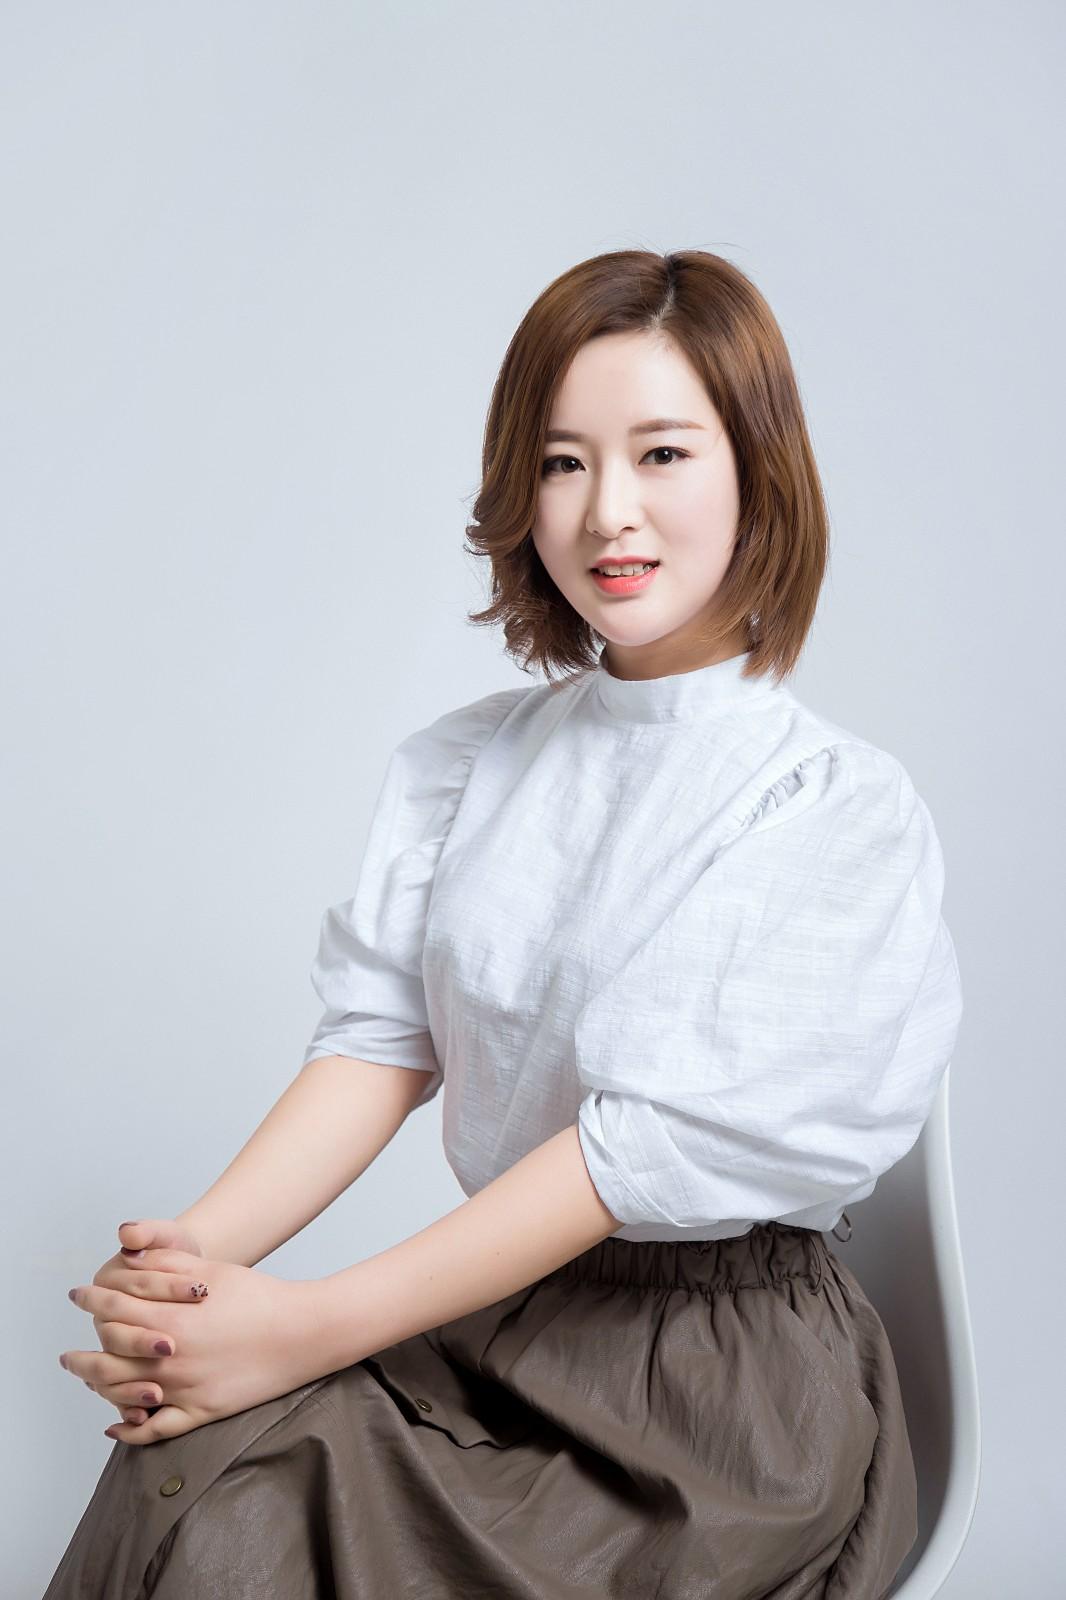 洛阳皓天装饰工程有限公司-杨静